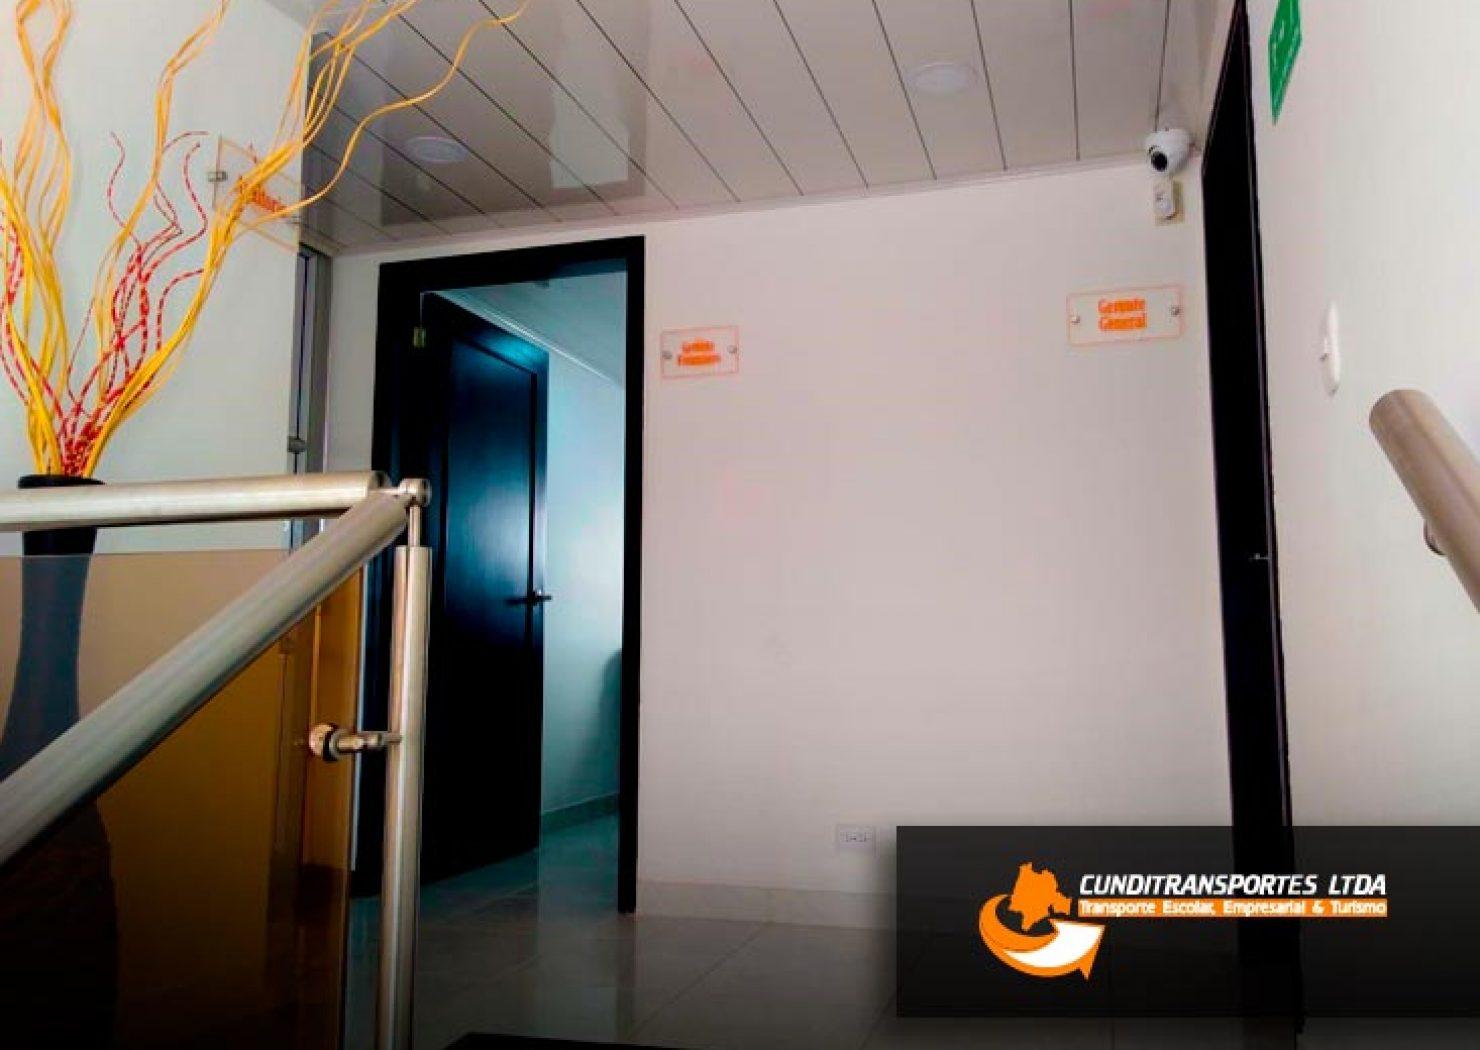 Cunditrasnportes Bogotá - Nuestras Oficinas